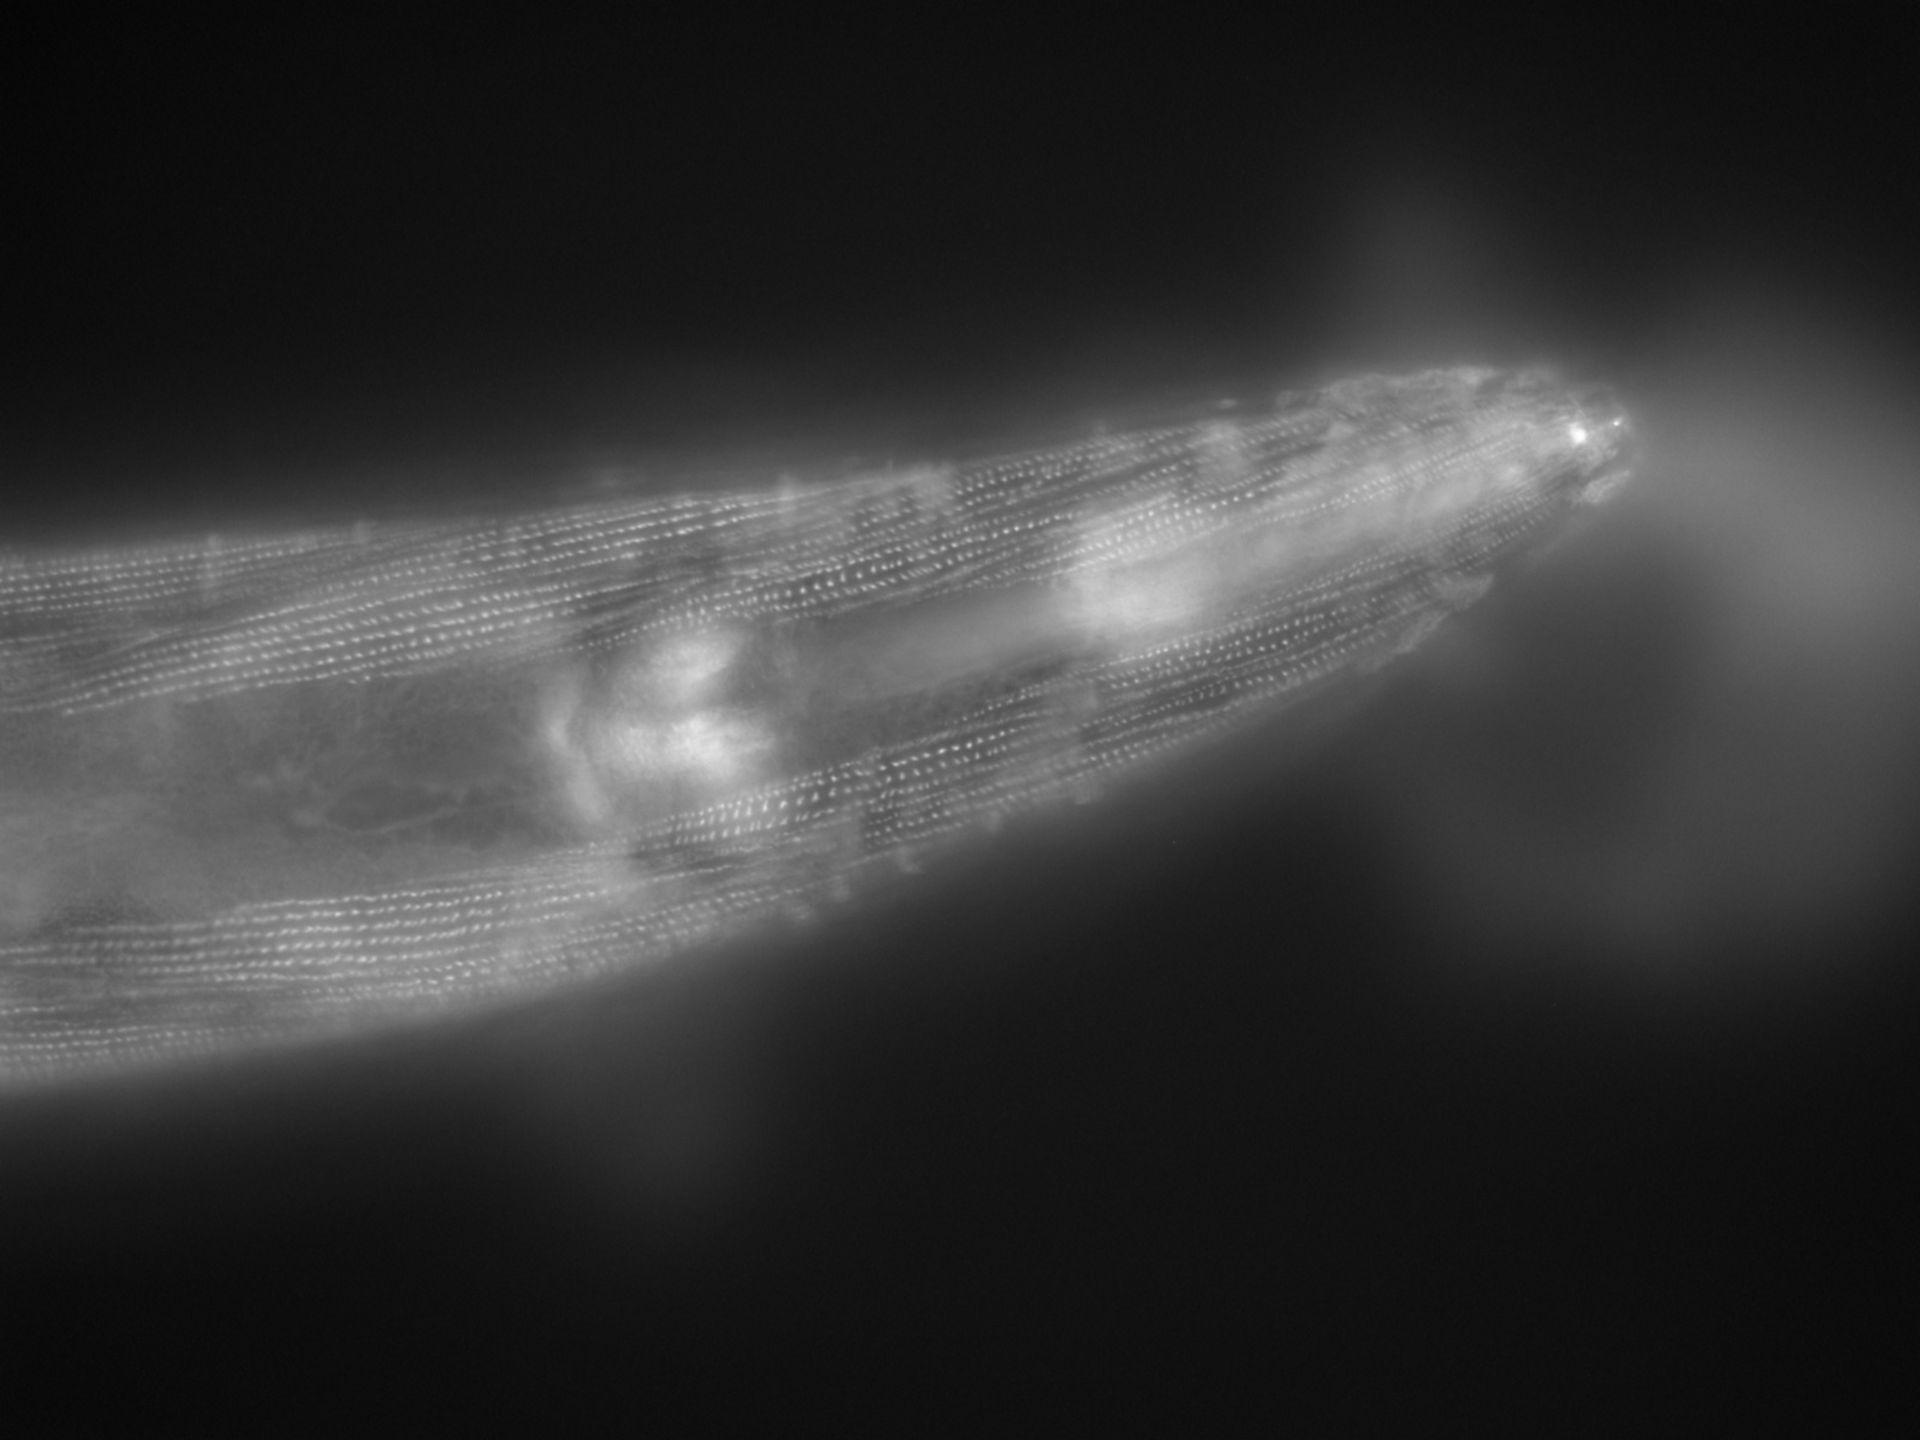 Caenorhabditis elegans (filamento di actina) - CIL:1161